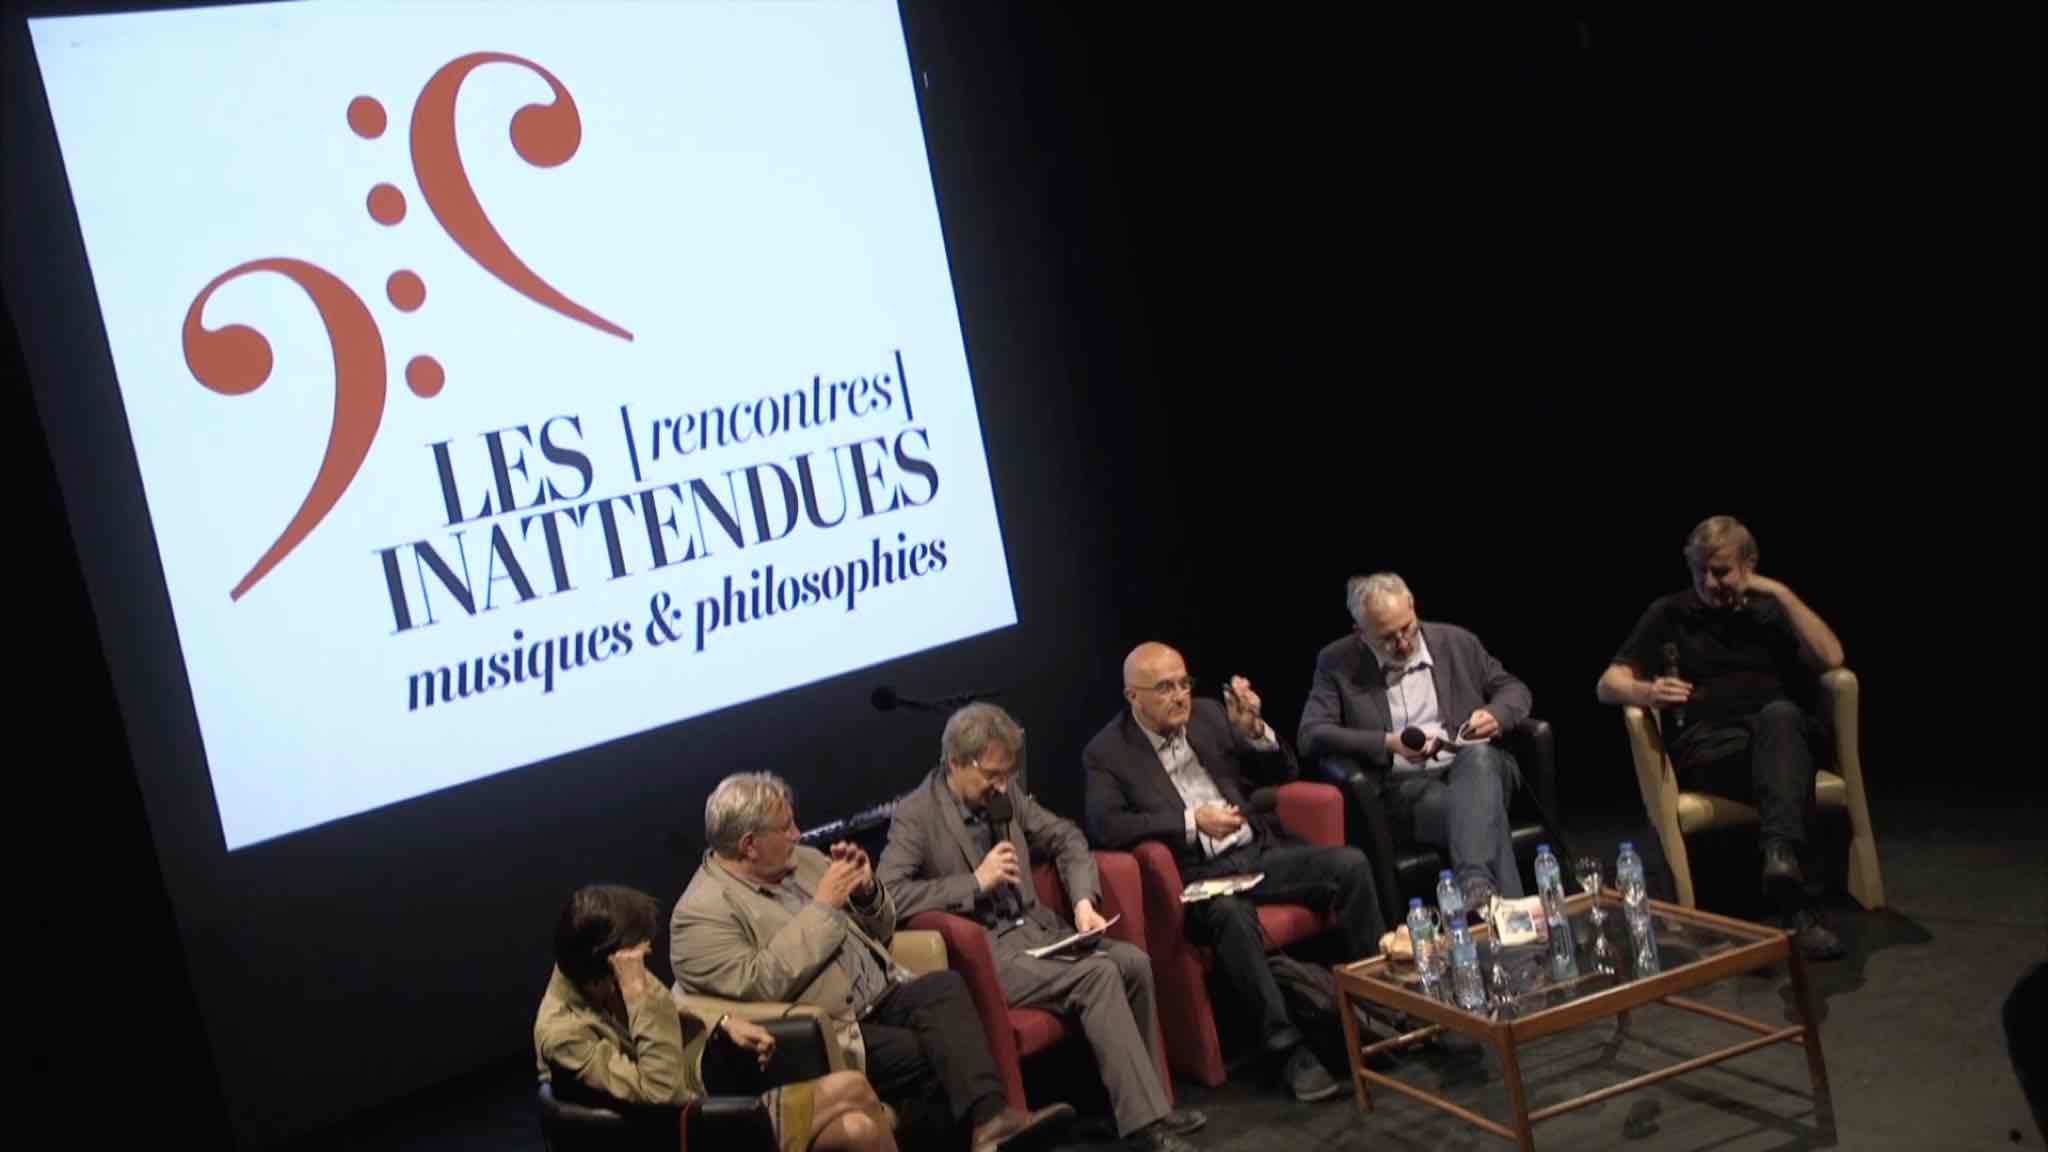 Le festival Les Inattendues se présente à Paris